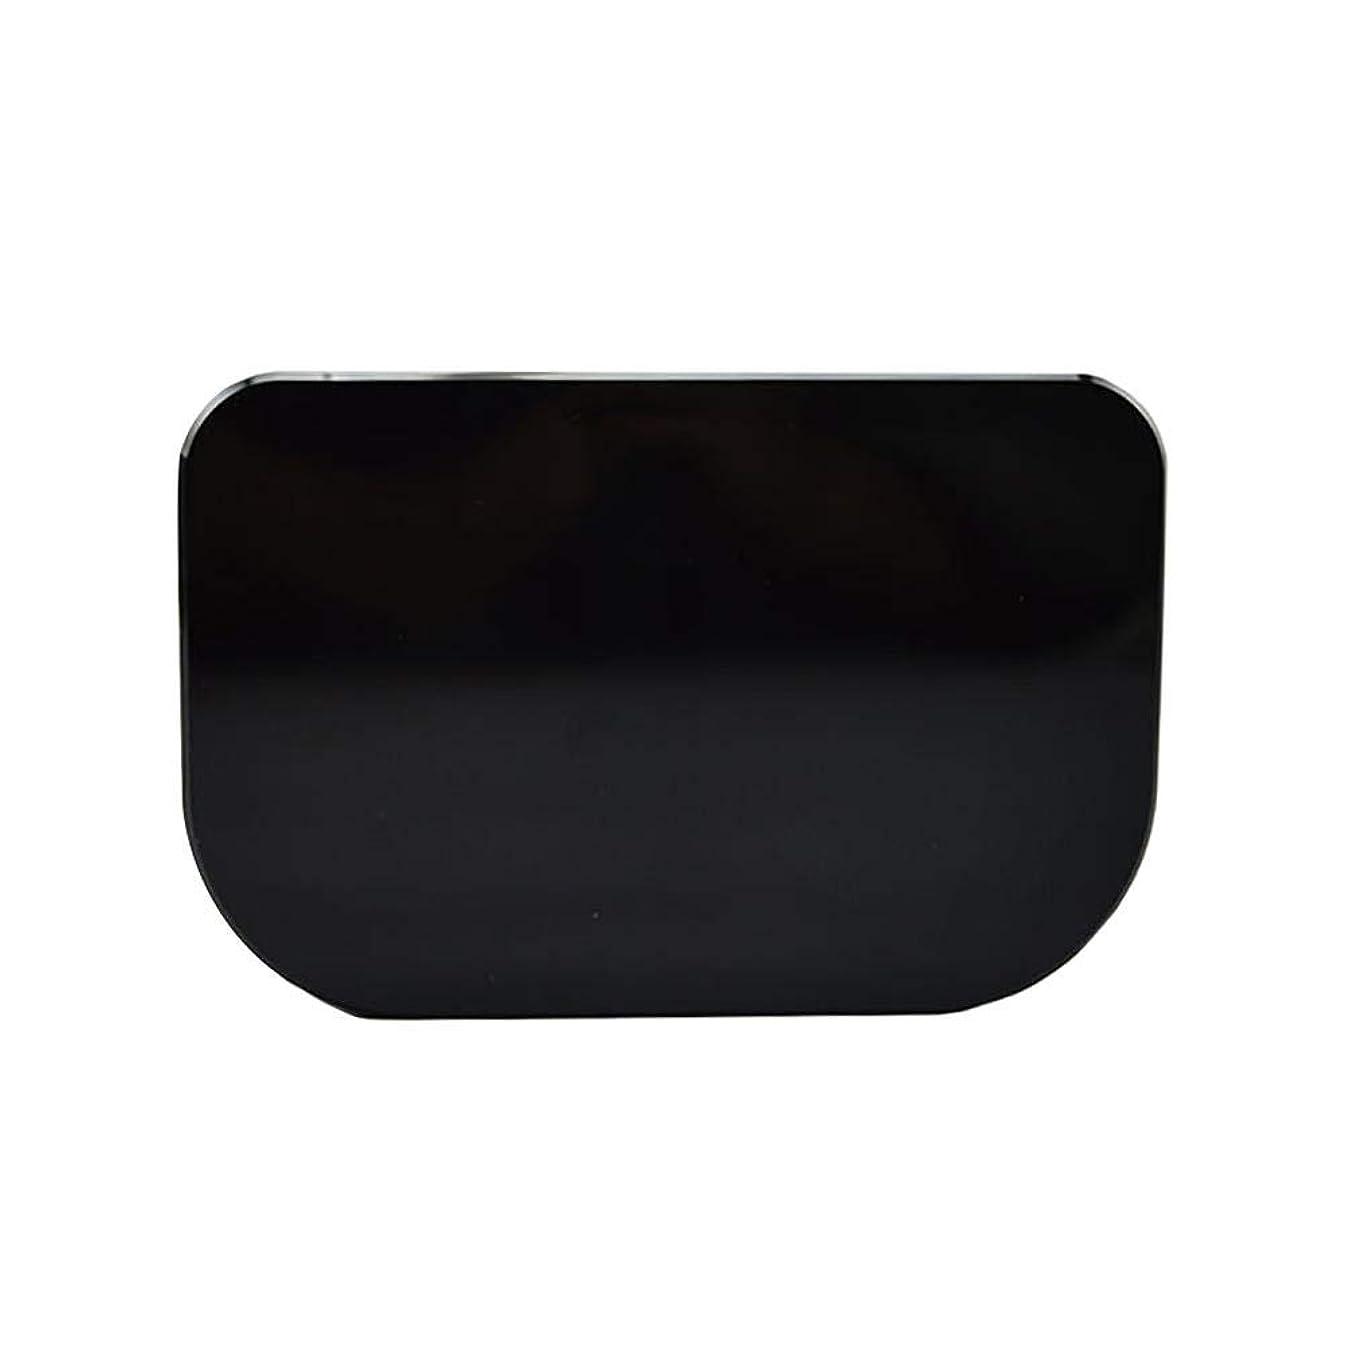 最初勧めるライセンス睫毛収納ボックス つけまつげ収納ボックス 3ペア収納可能 ミラー付き 丈夫 衛生 軽量 ミニ 持ち運び便利 hjuns-Wu